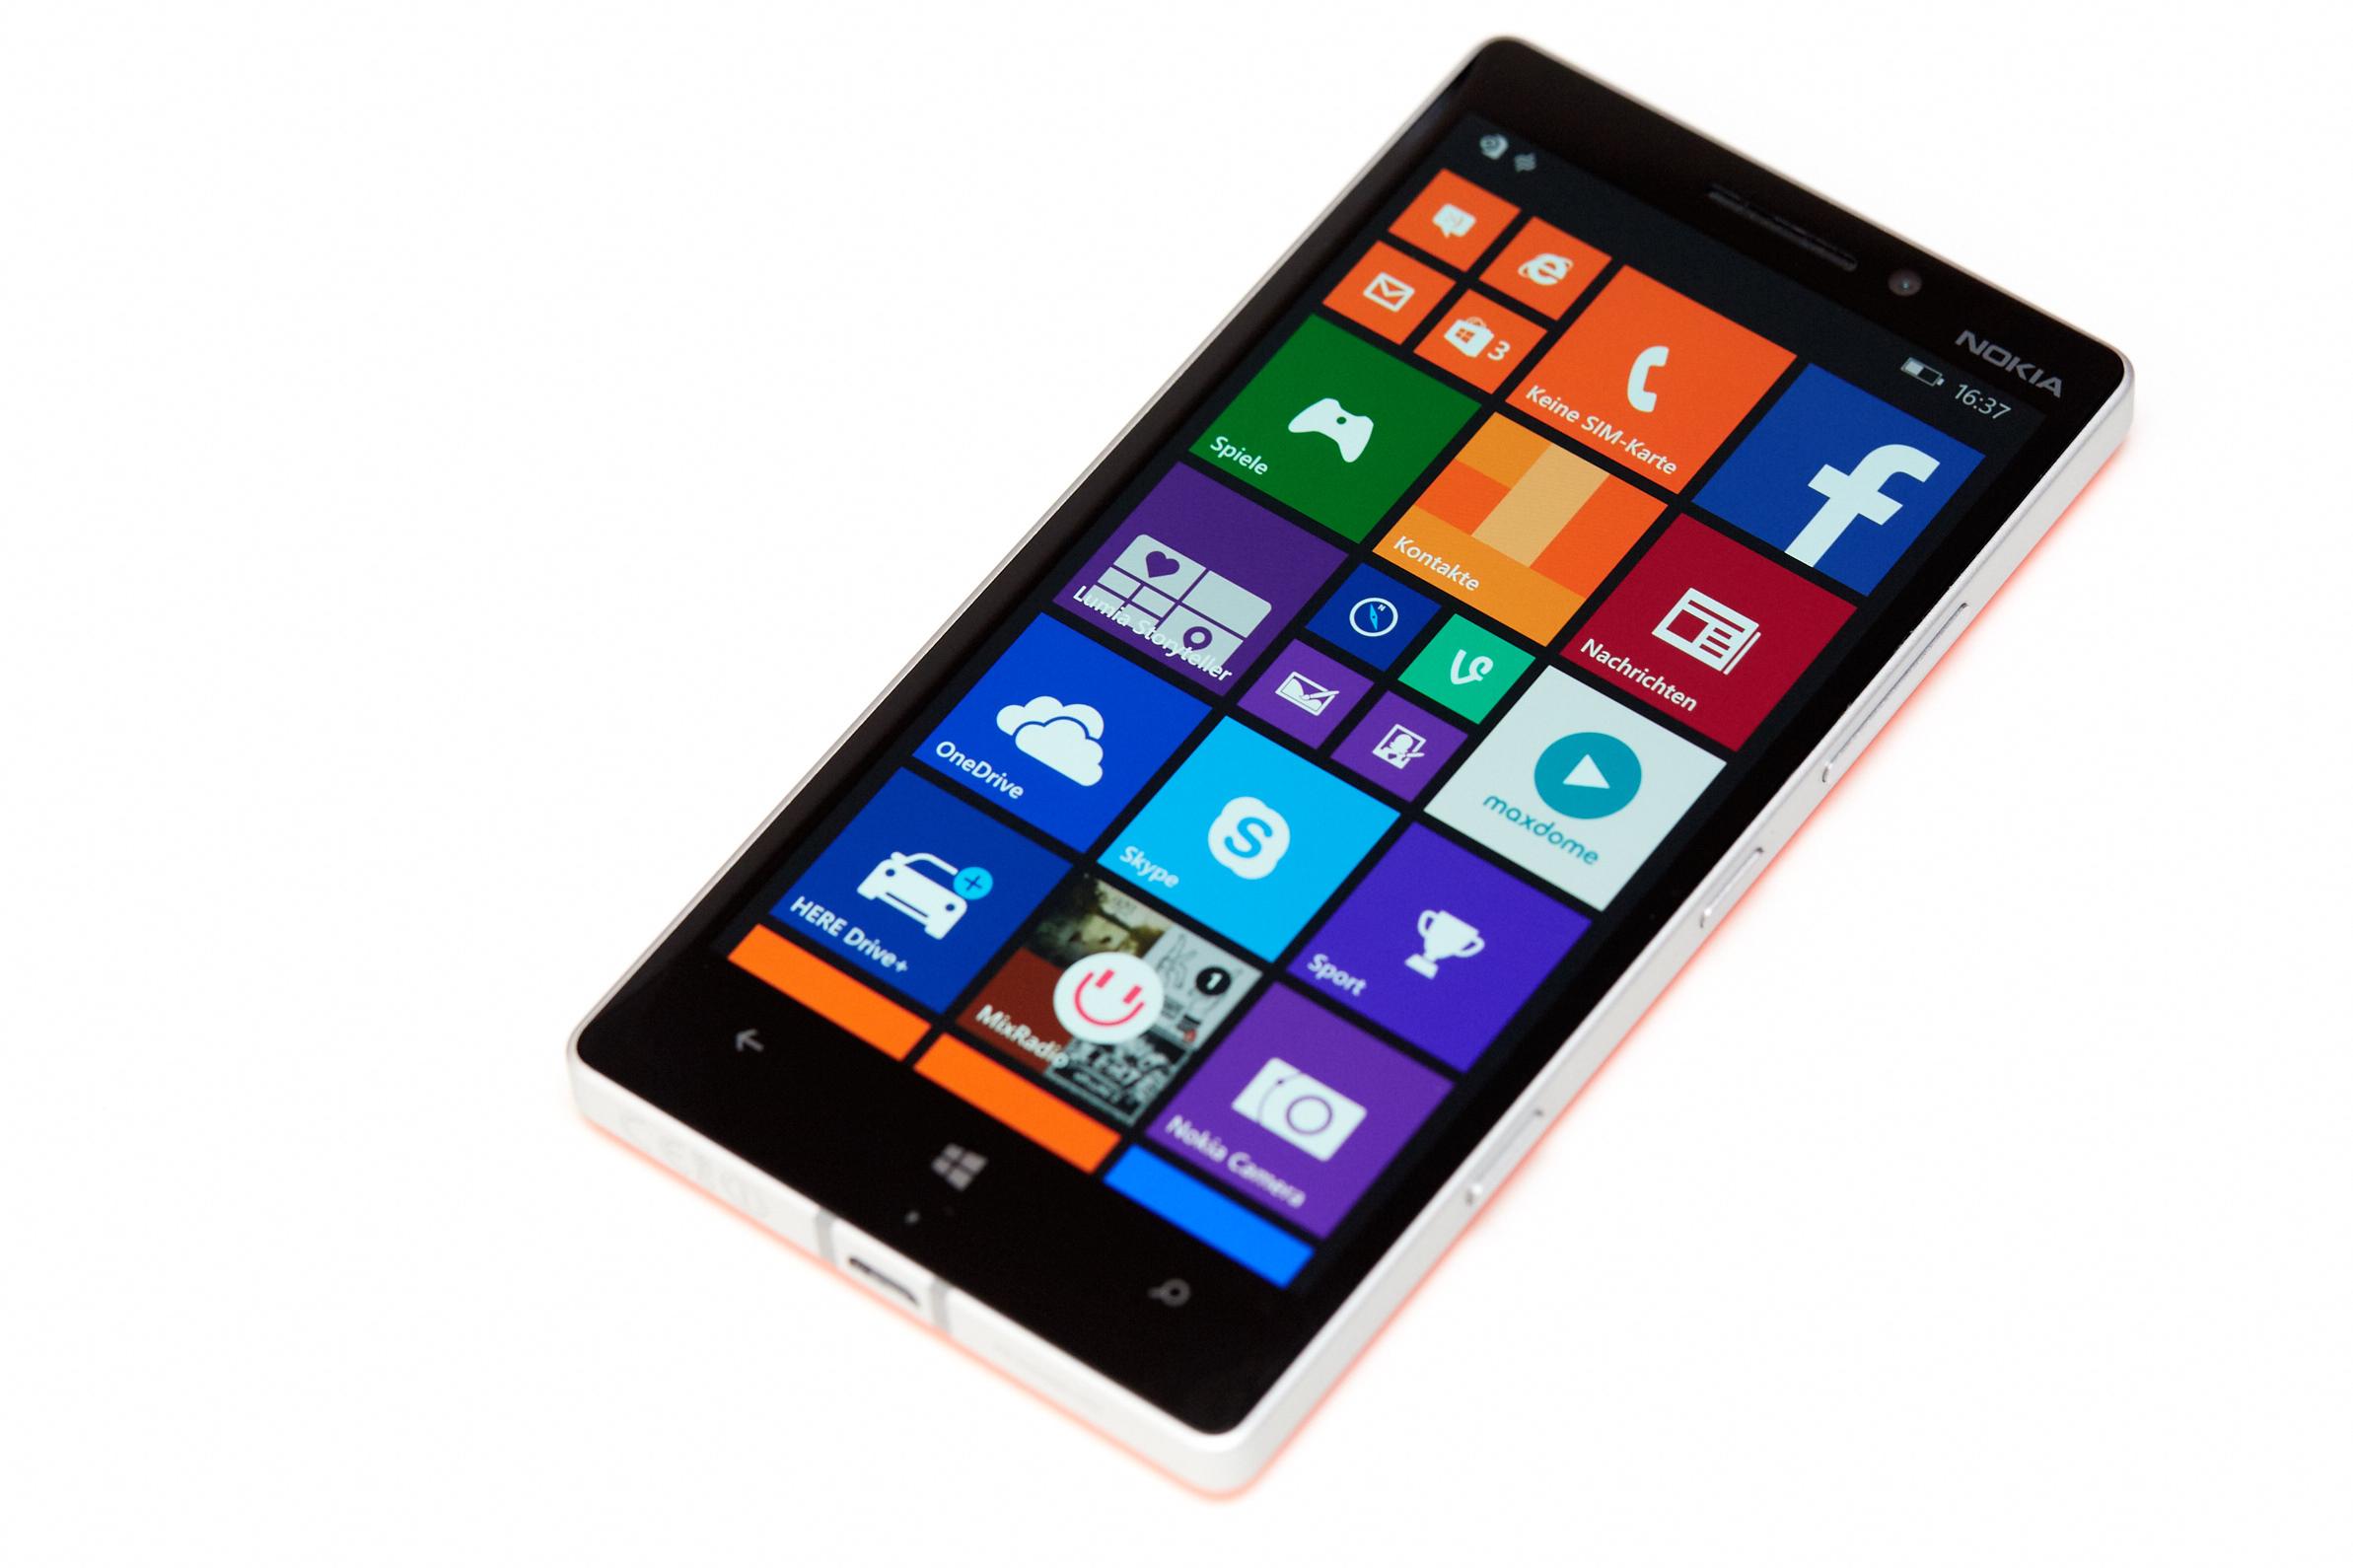 Nokia Lumia 930 in Bildern Das Nokia Lumia 930 in Bildern bet365 lotto kombinationsregeln bet365 willkommens-bonus bedingungen und konditionen Das Nokia ...